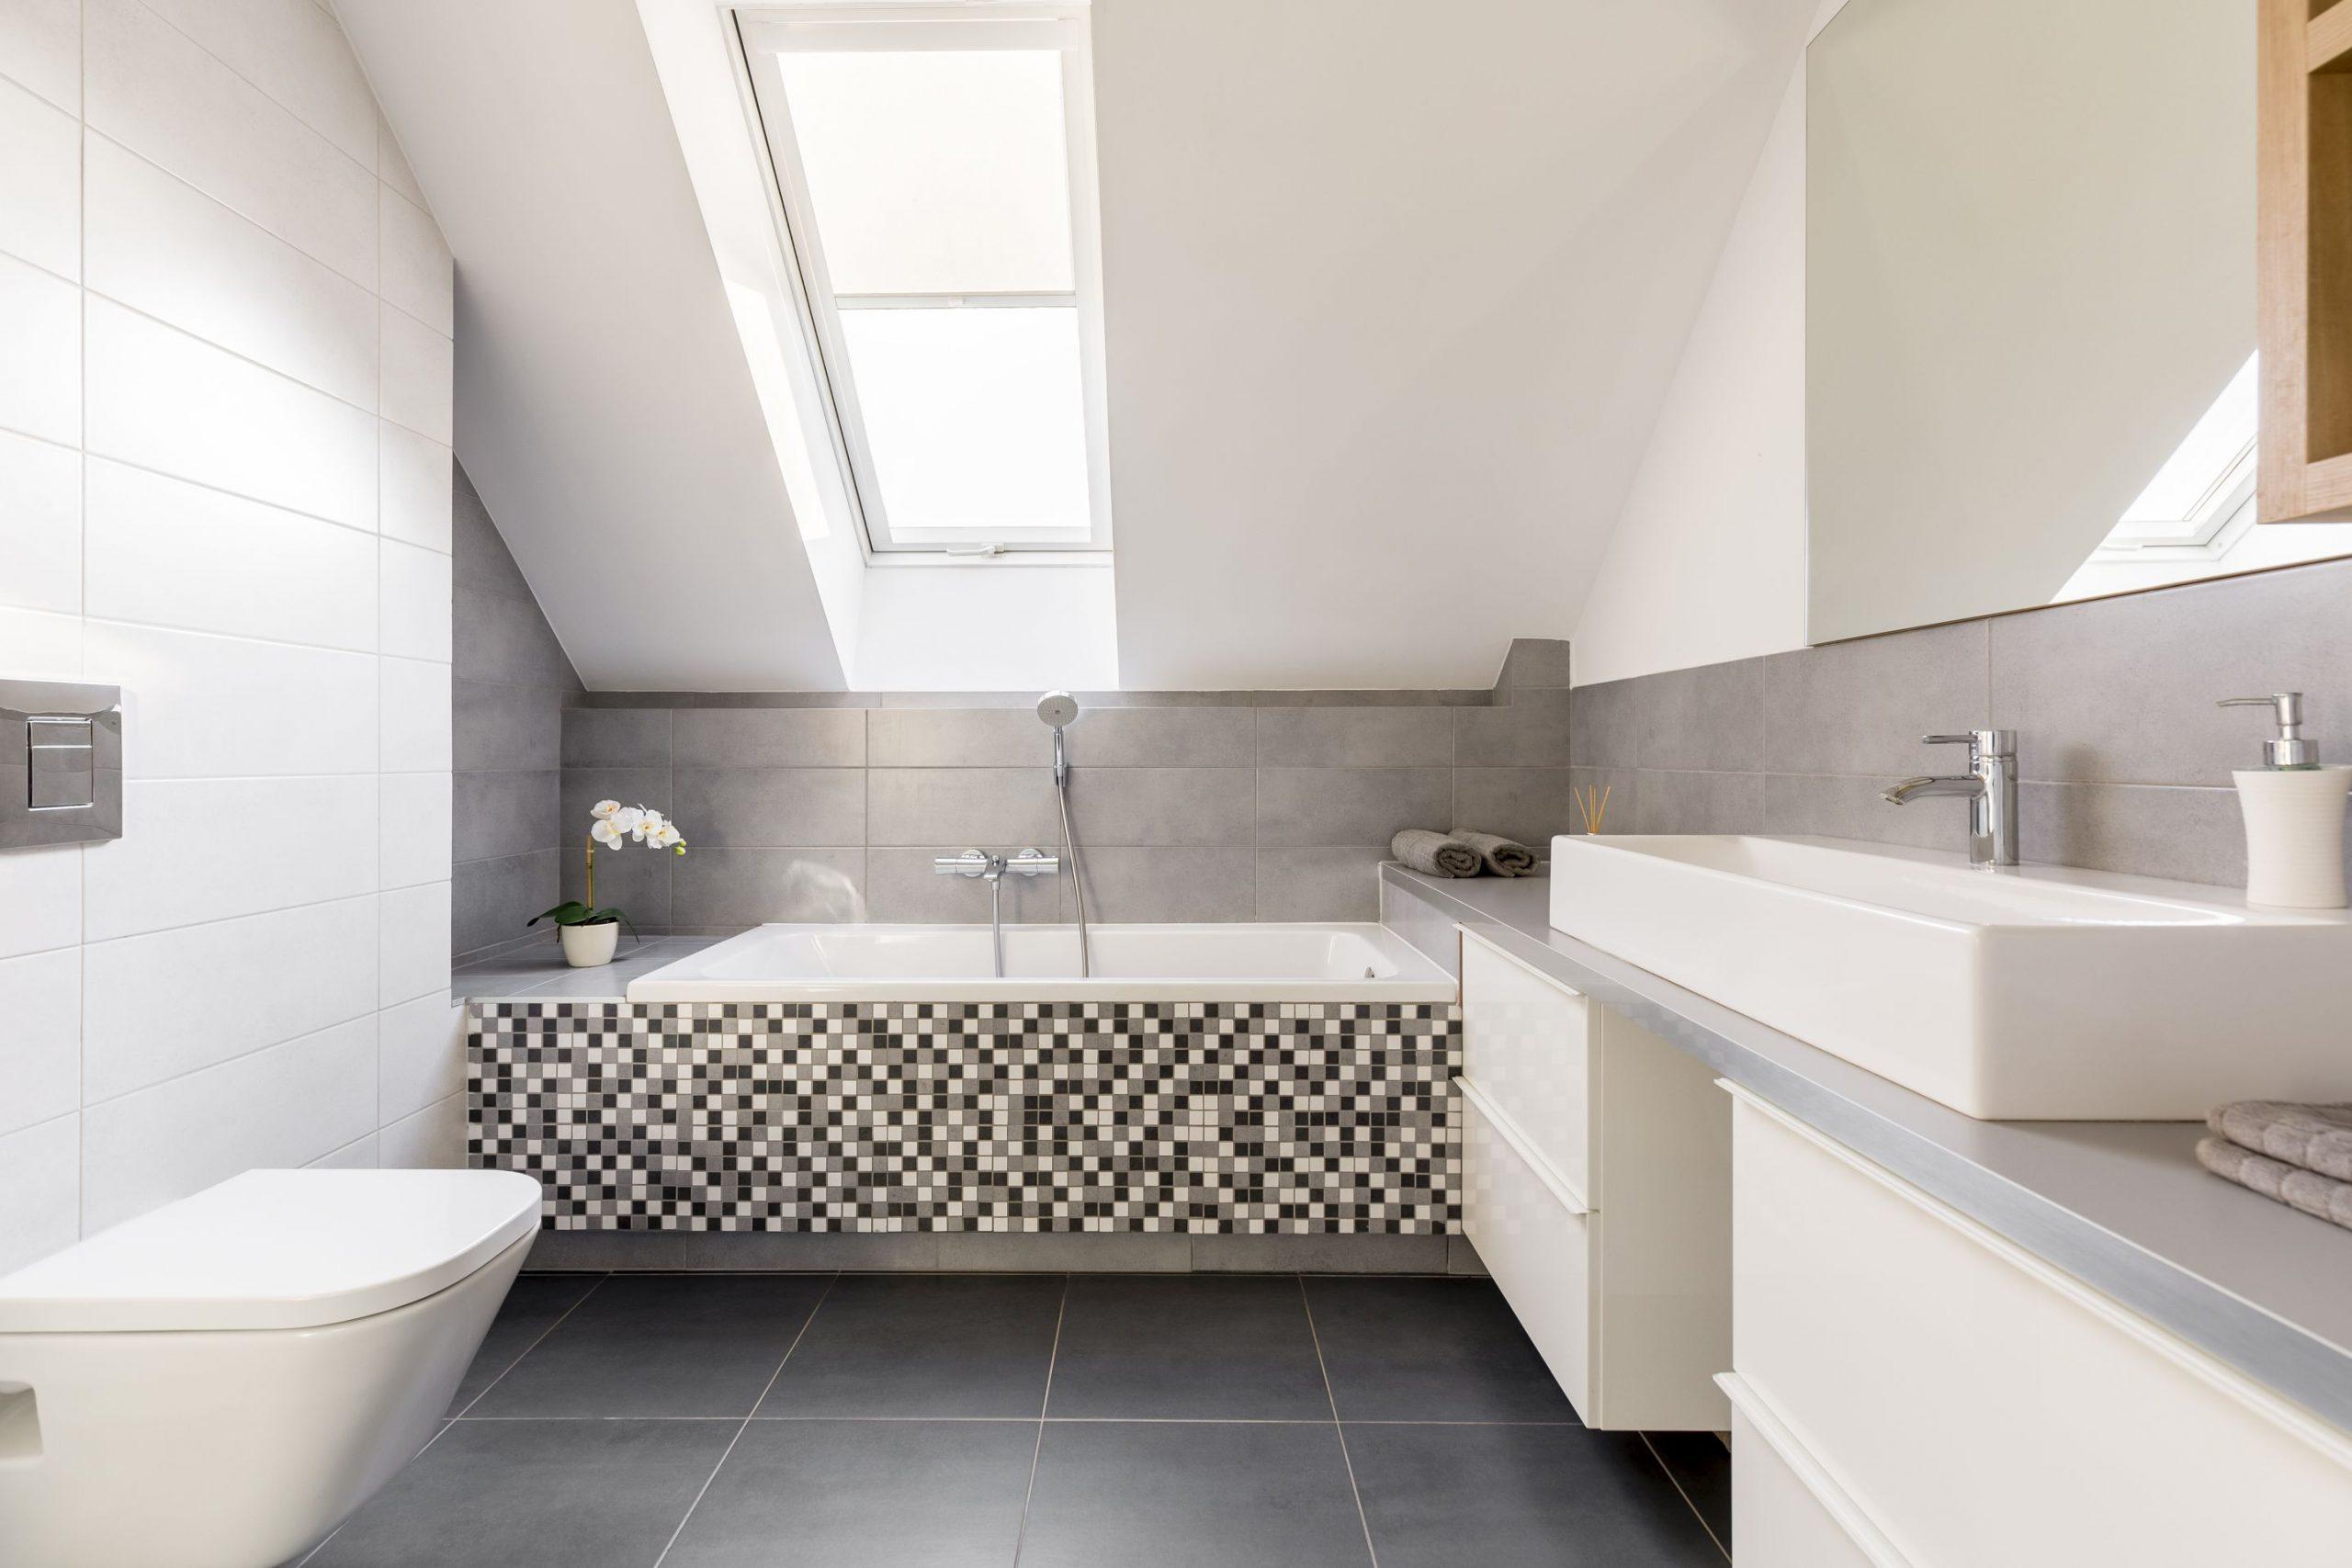 Blaty łazienkowe na wymiar z kamienia – dlaczego to dobry wybór?